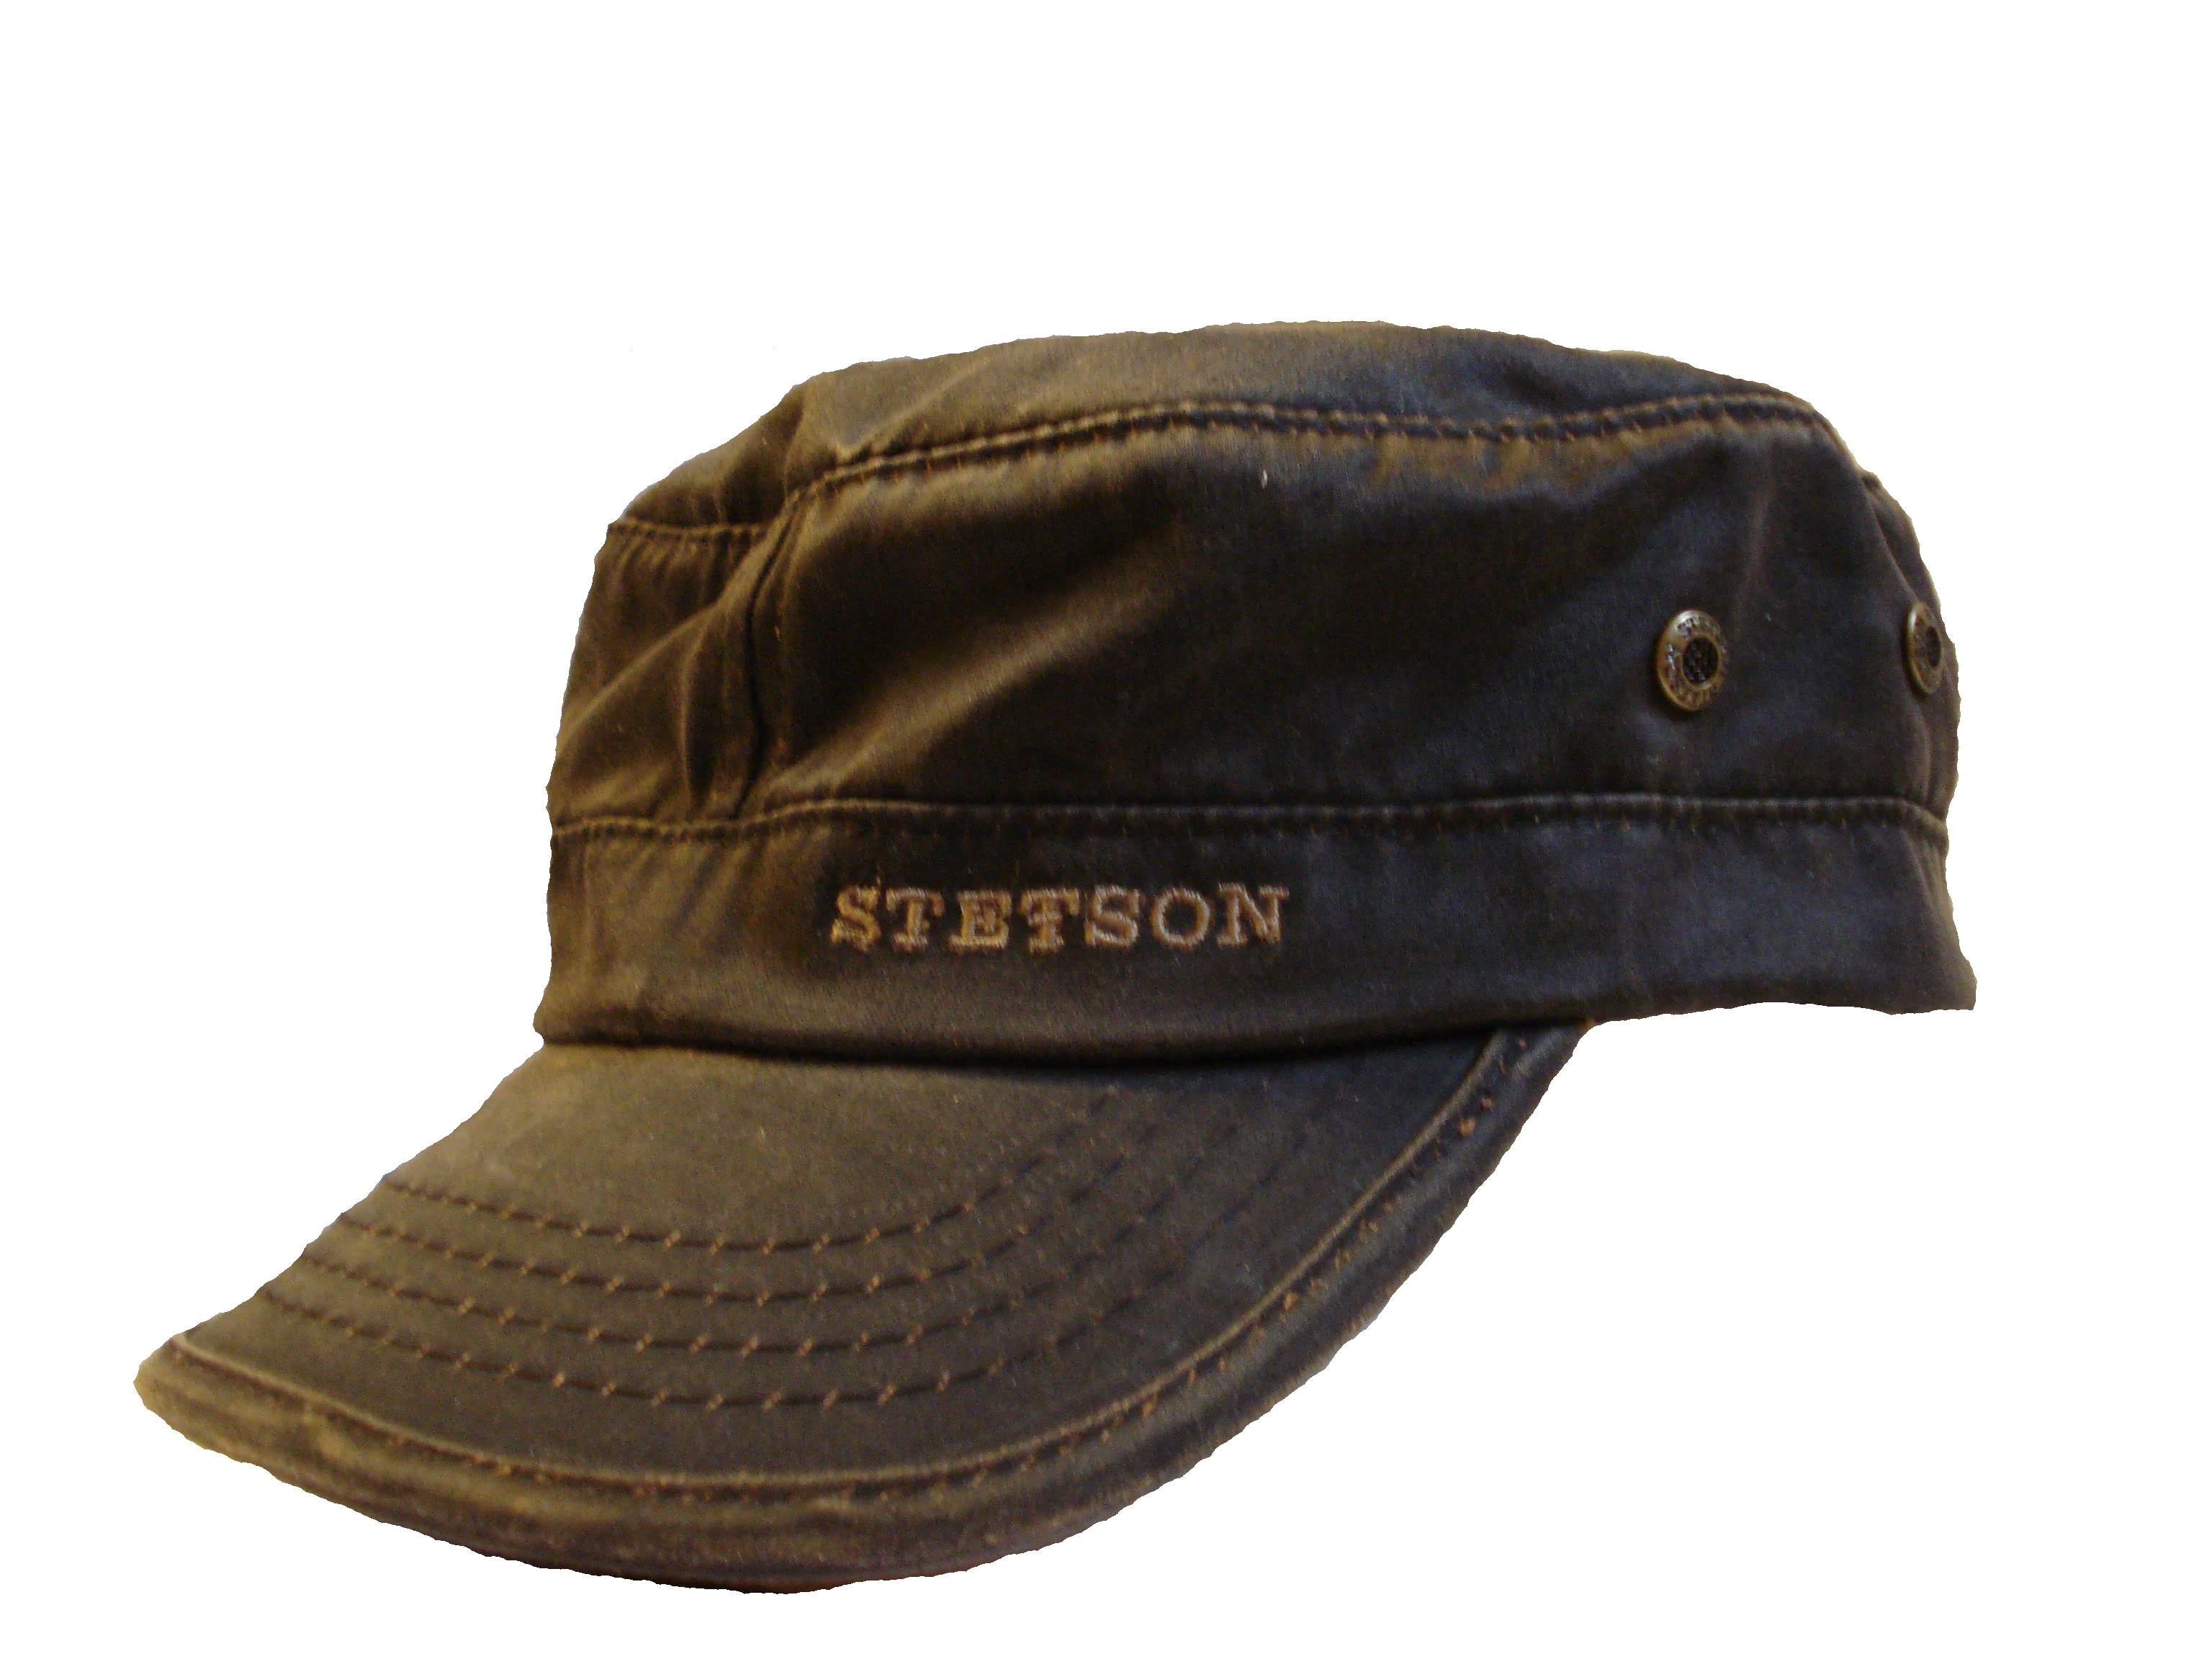 Datto Armycap von Steston